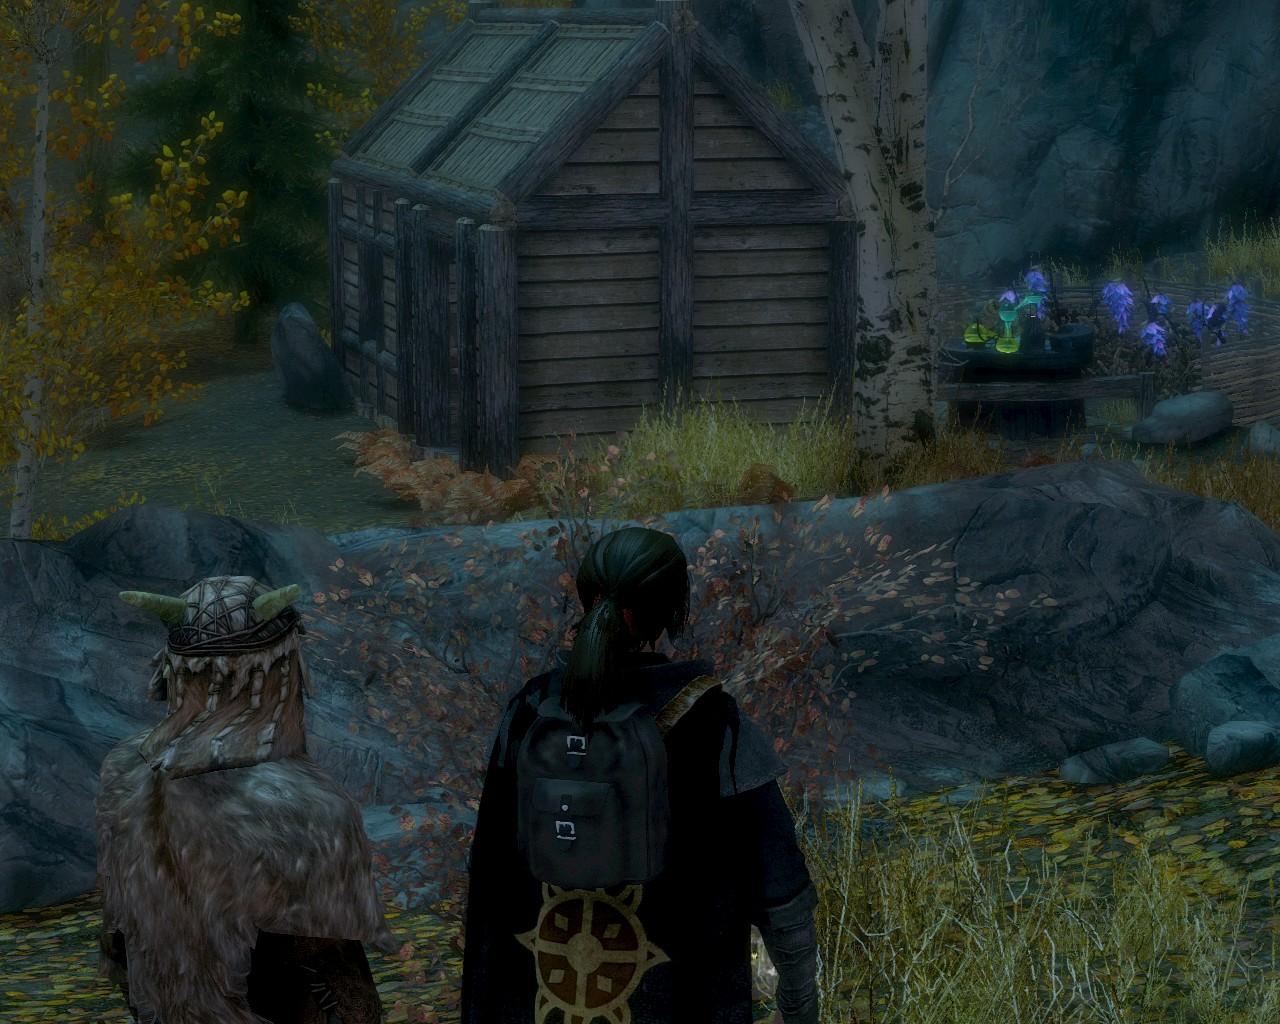 01錬金術師の小屋